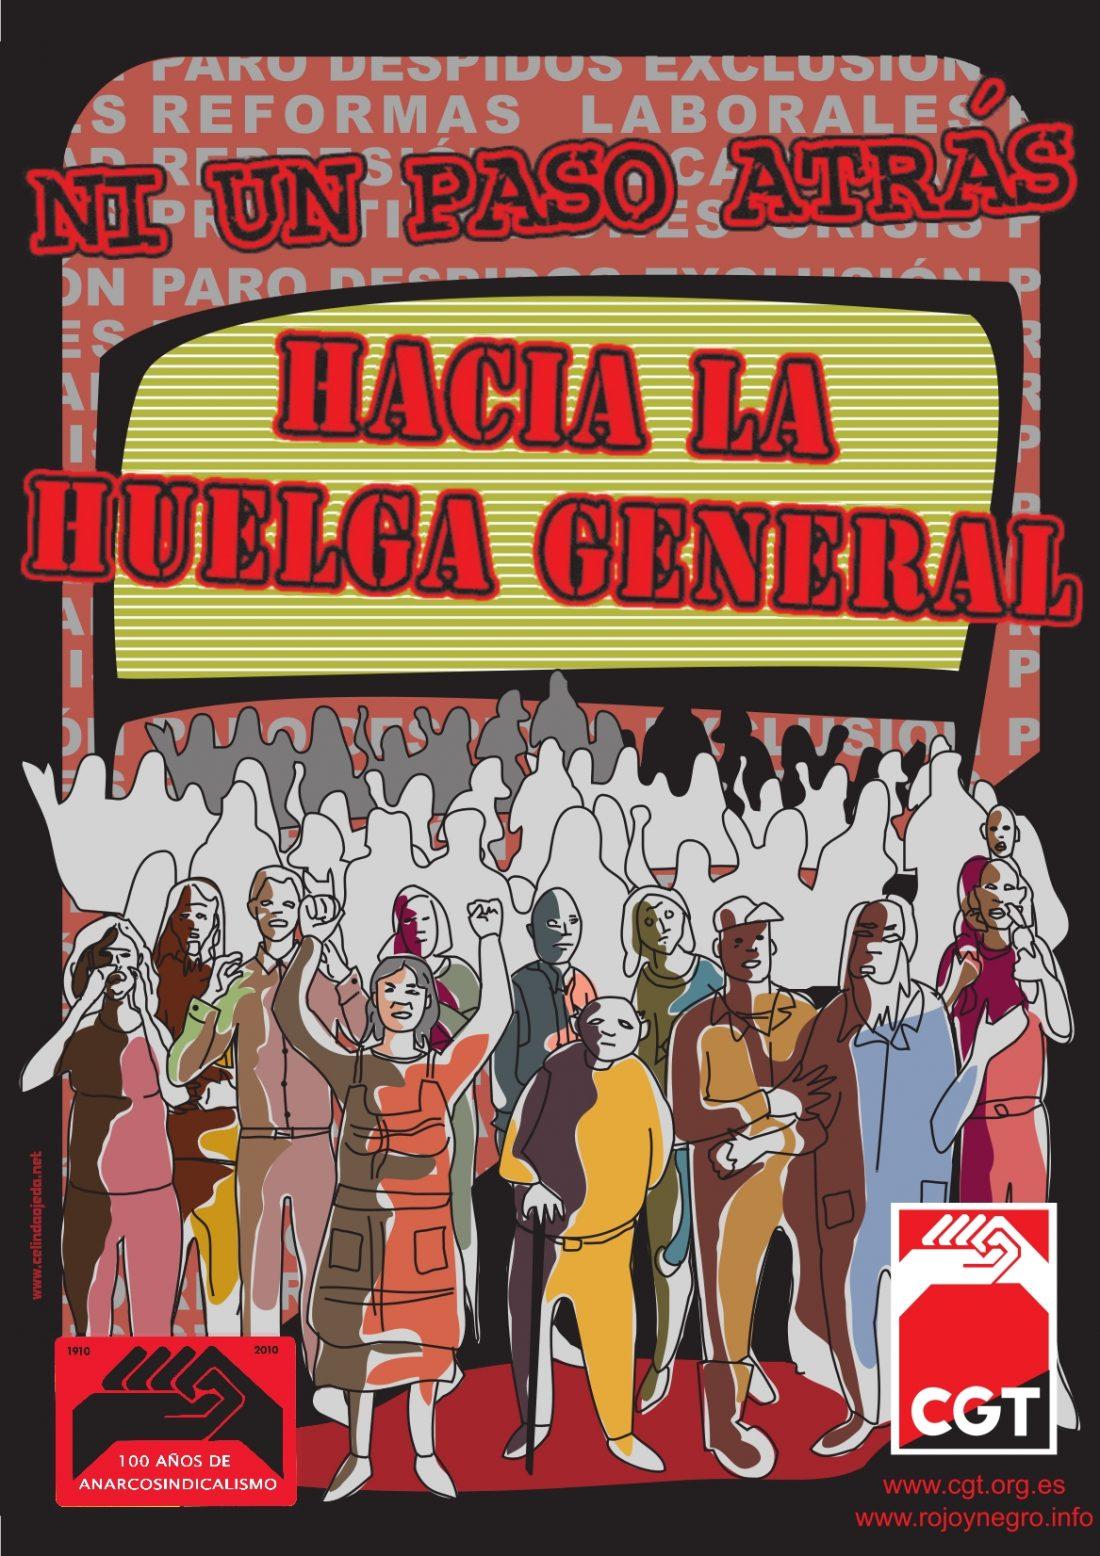 CGT reafirma su compromiso con la Huelga General, social y laboral, en confluencia con otras organizaciones